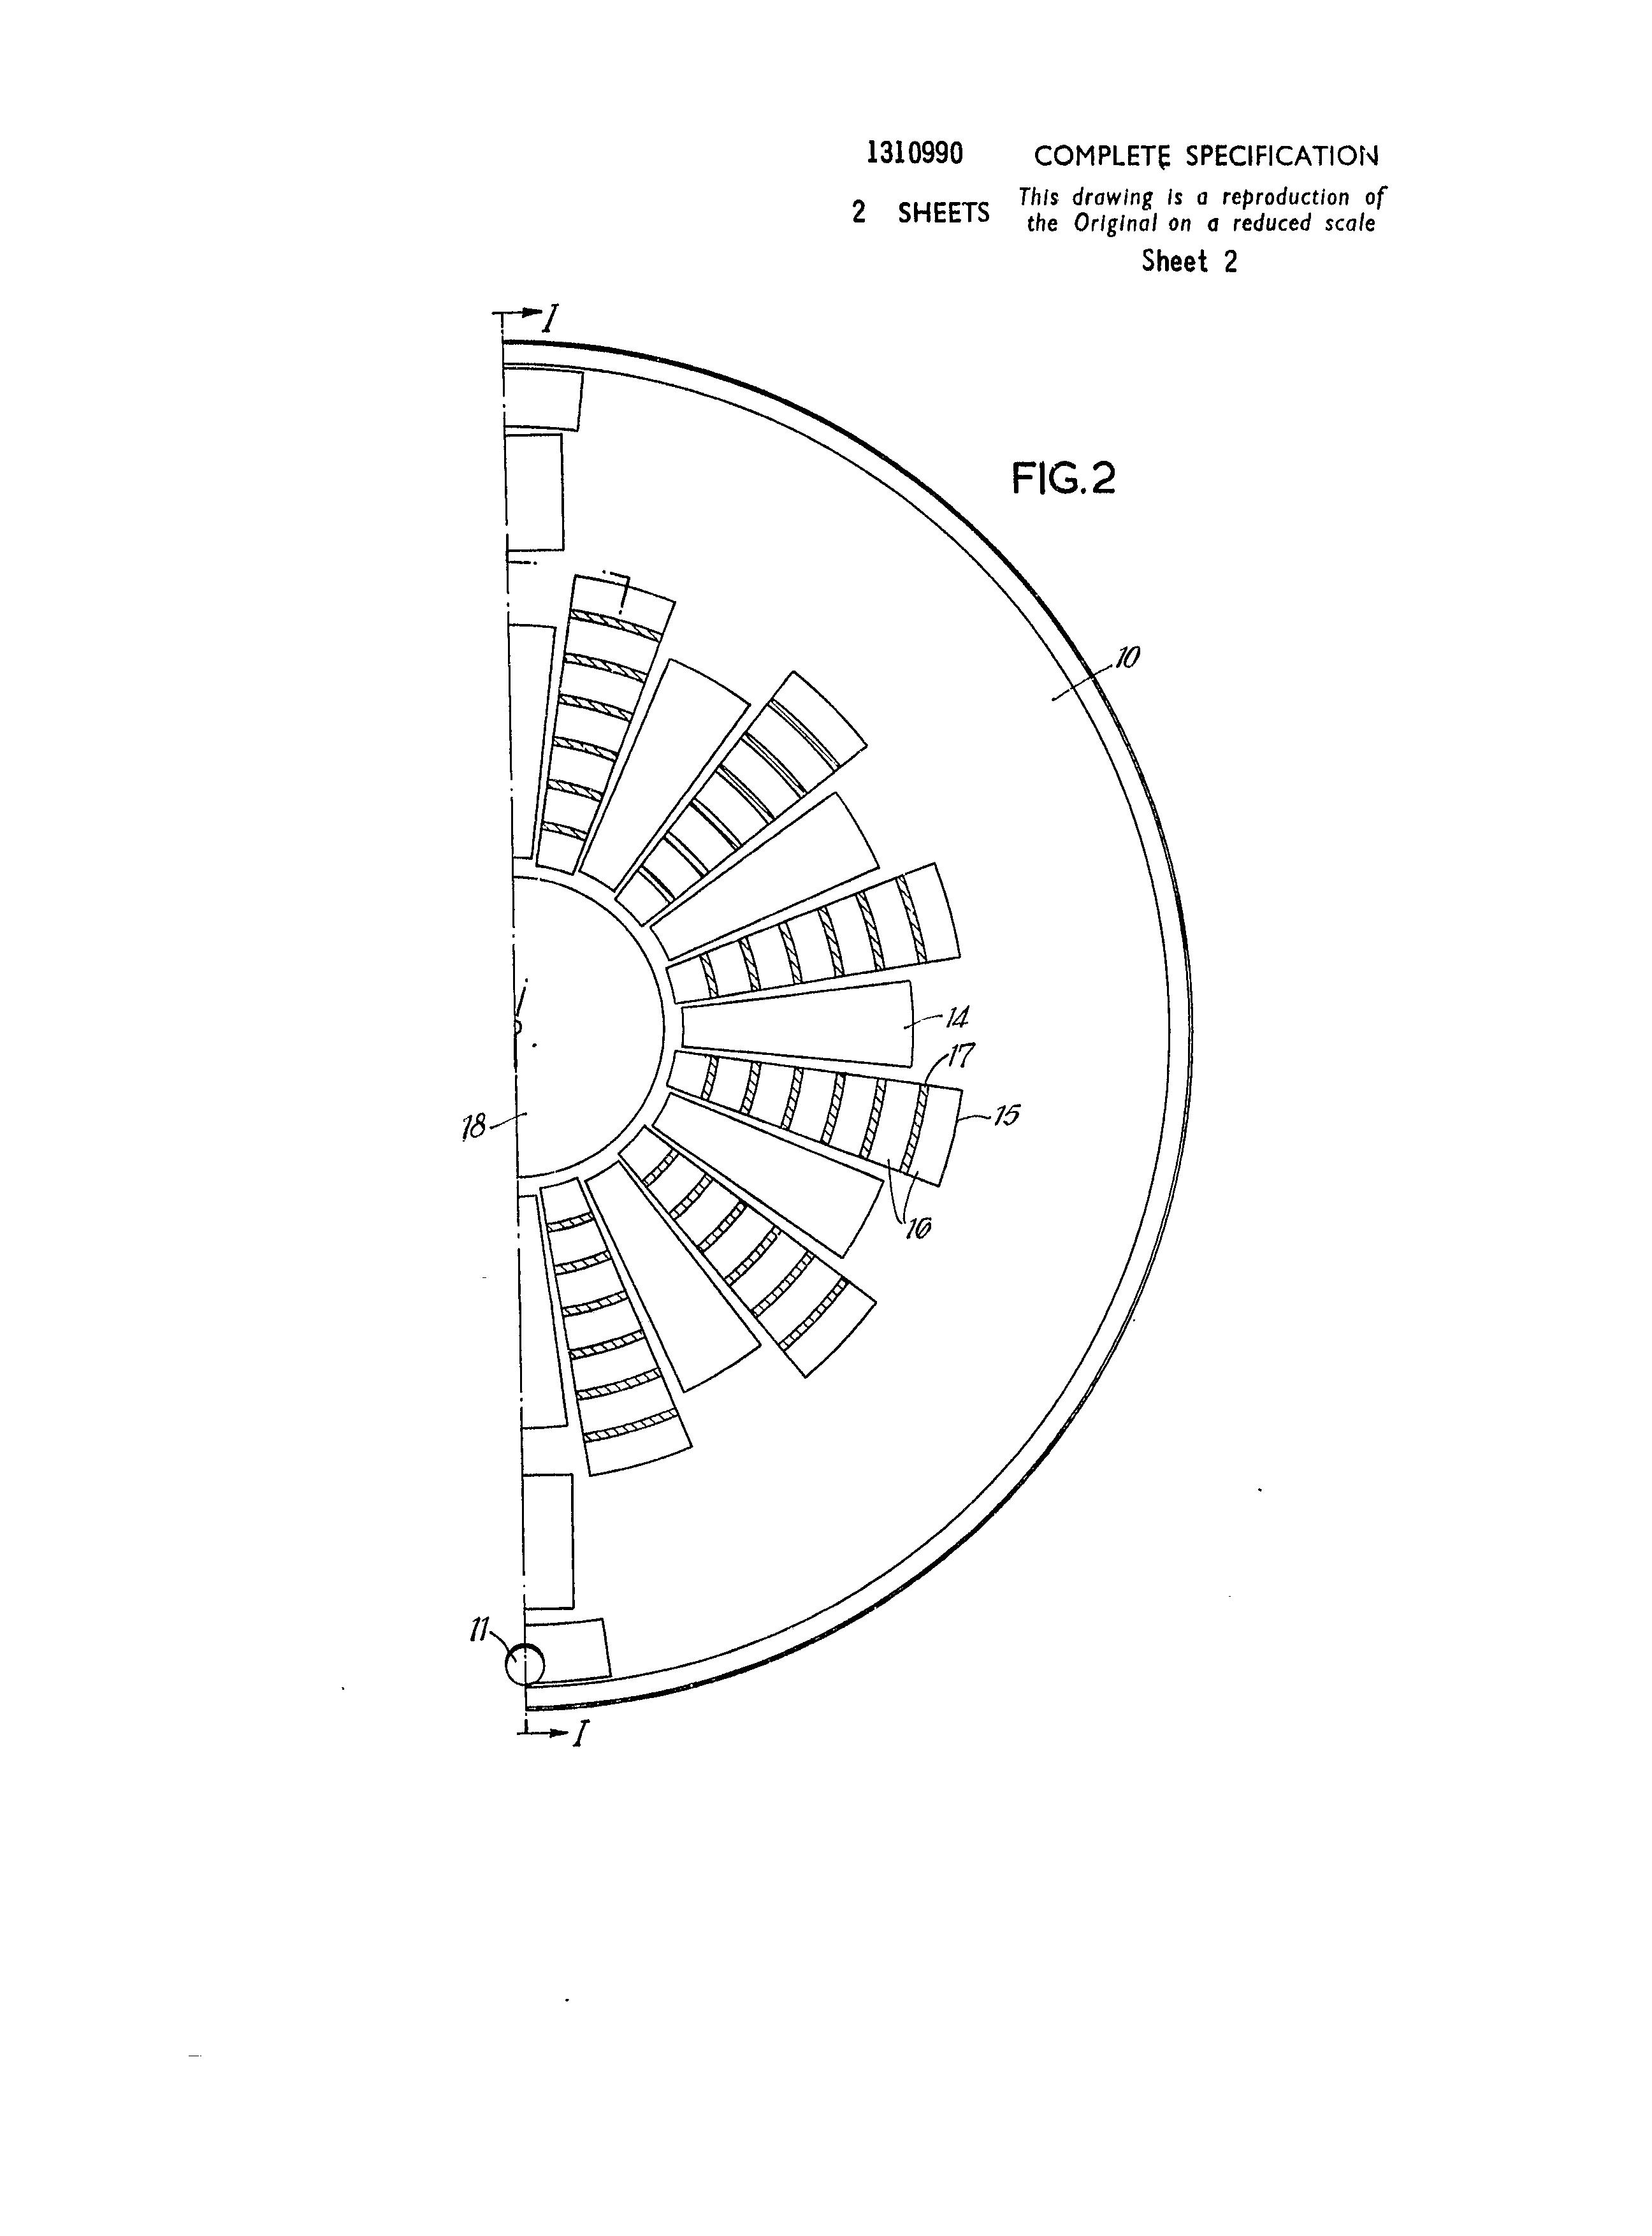 GB_1310990_A-1